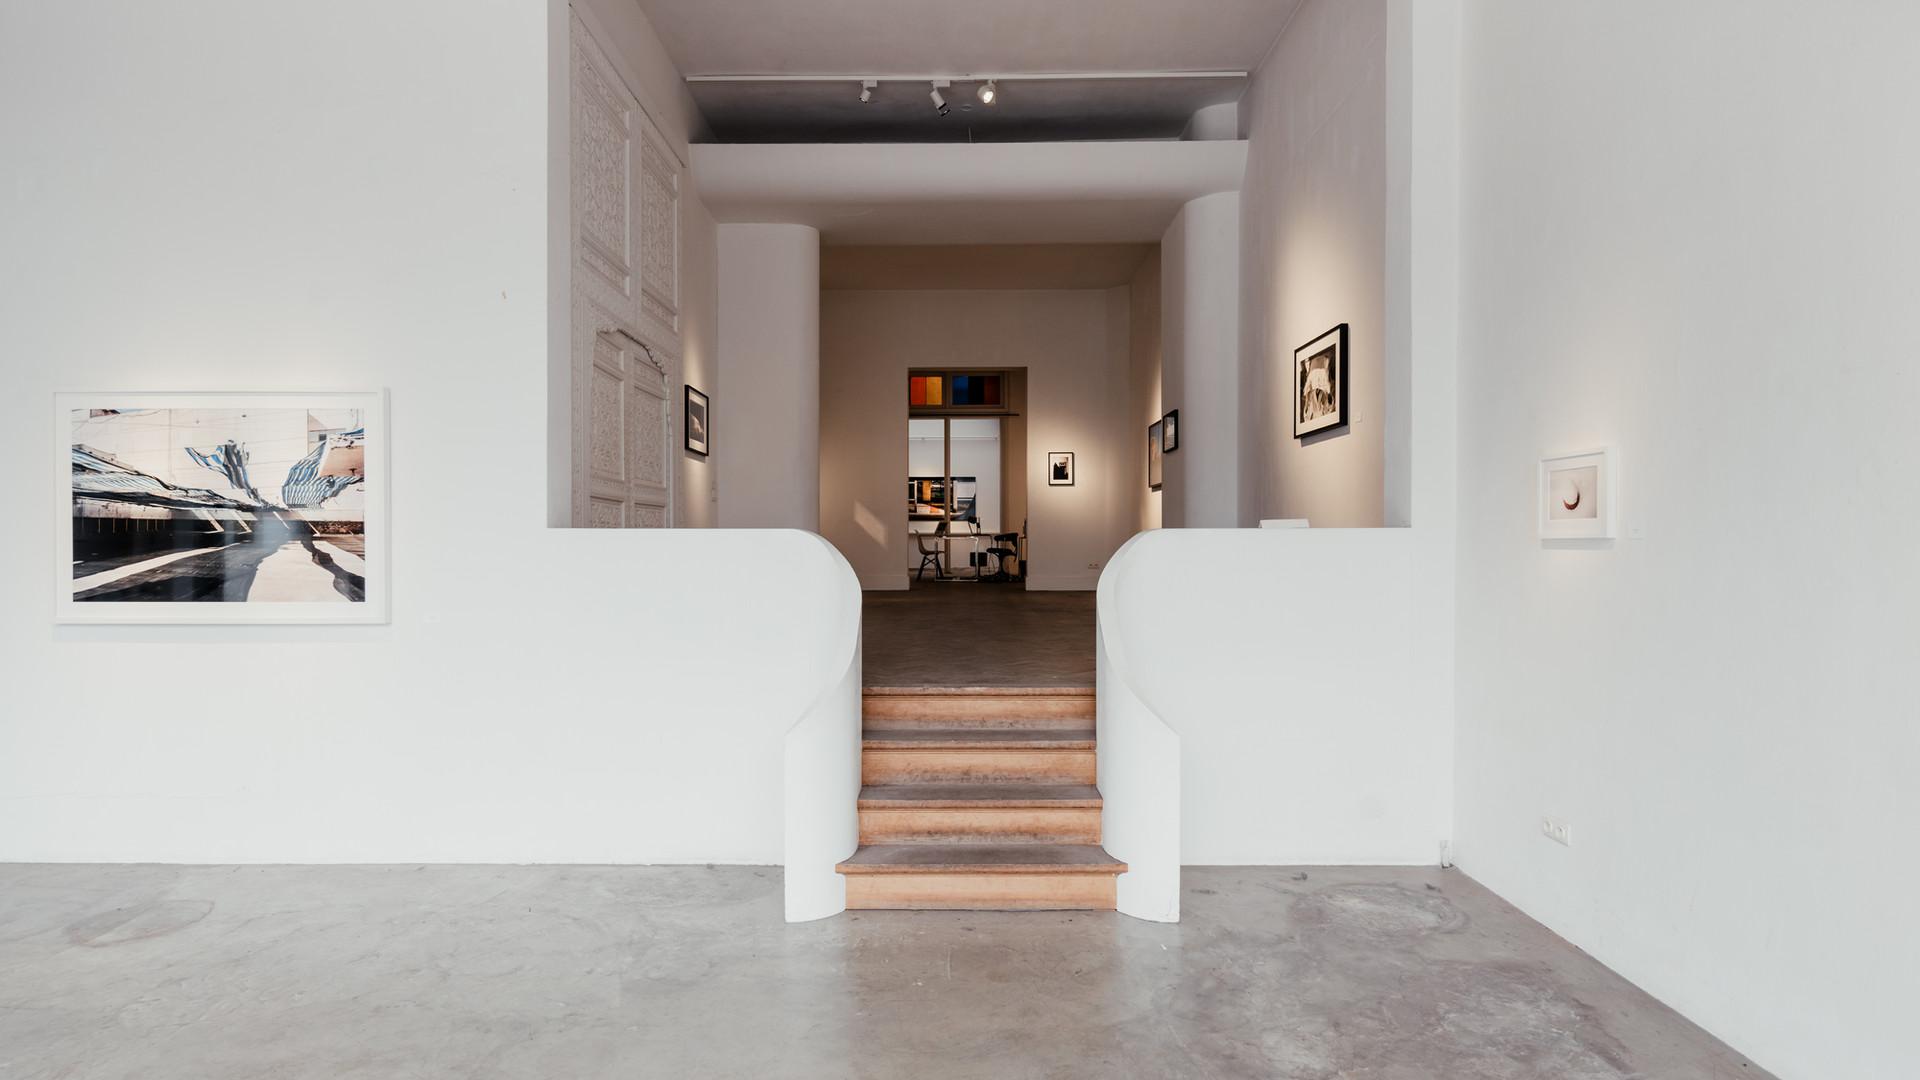 Gallery view at Gert Voorjans